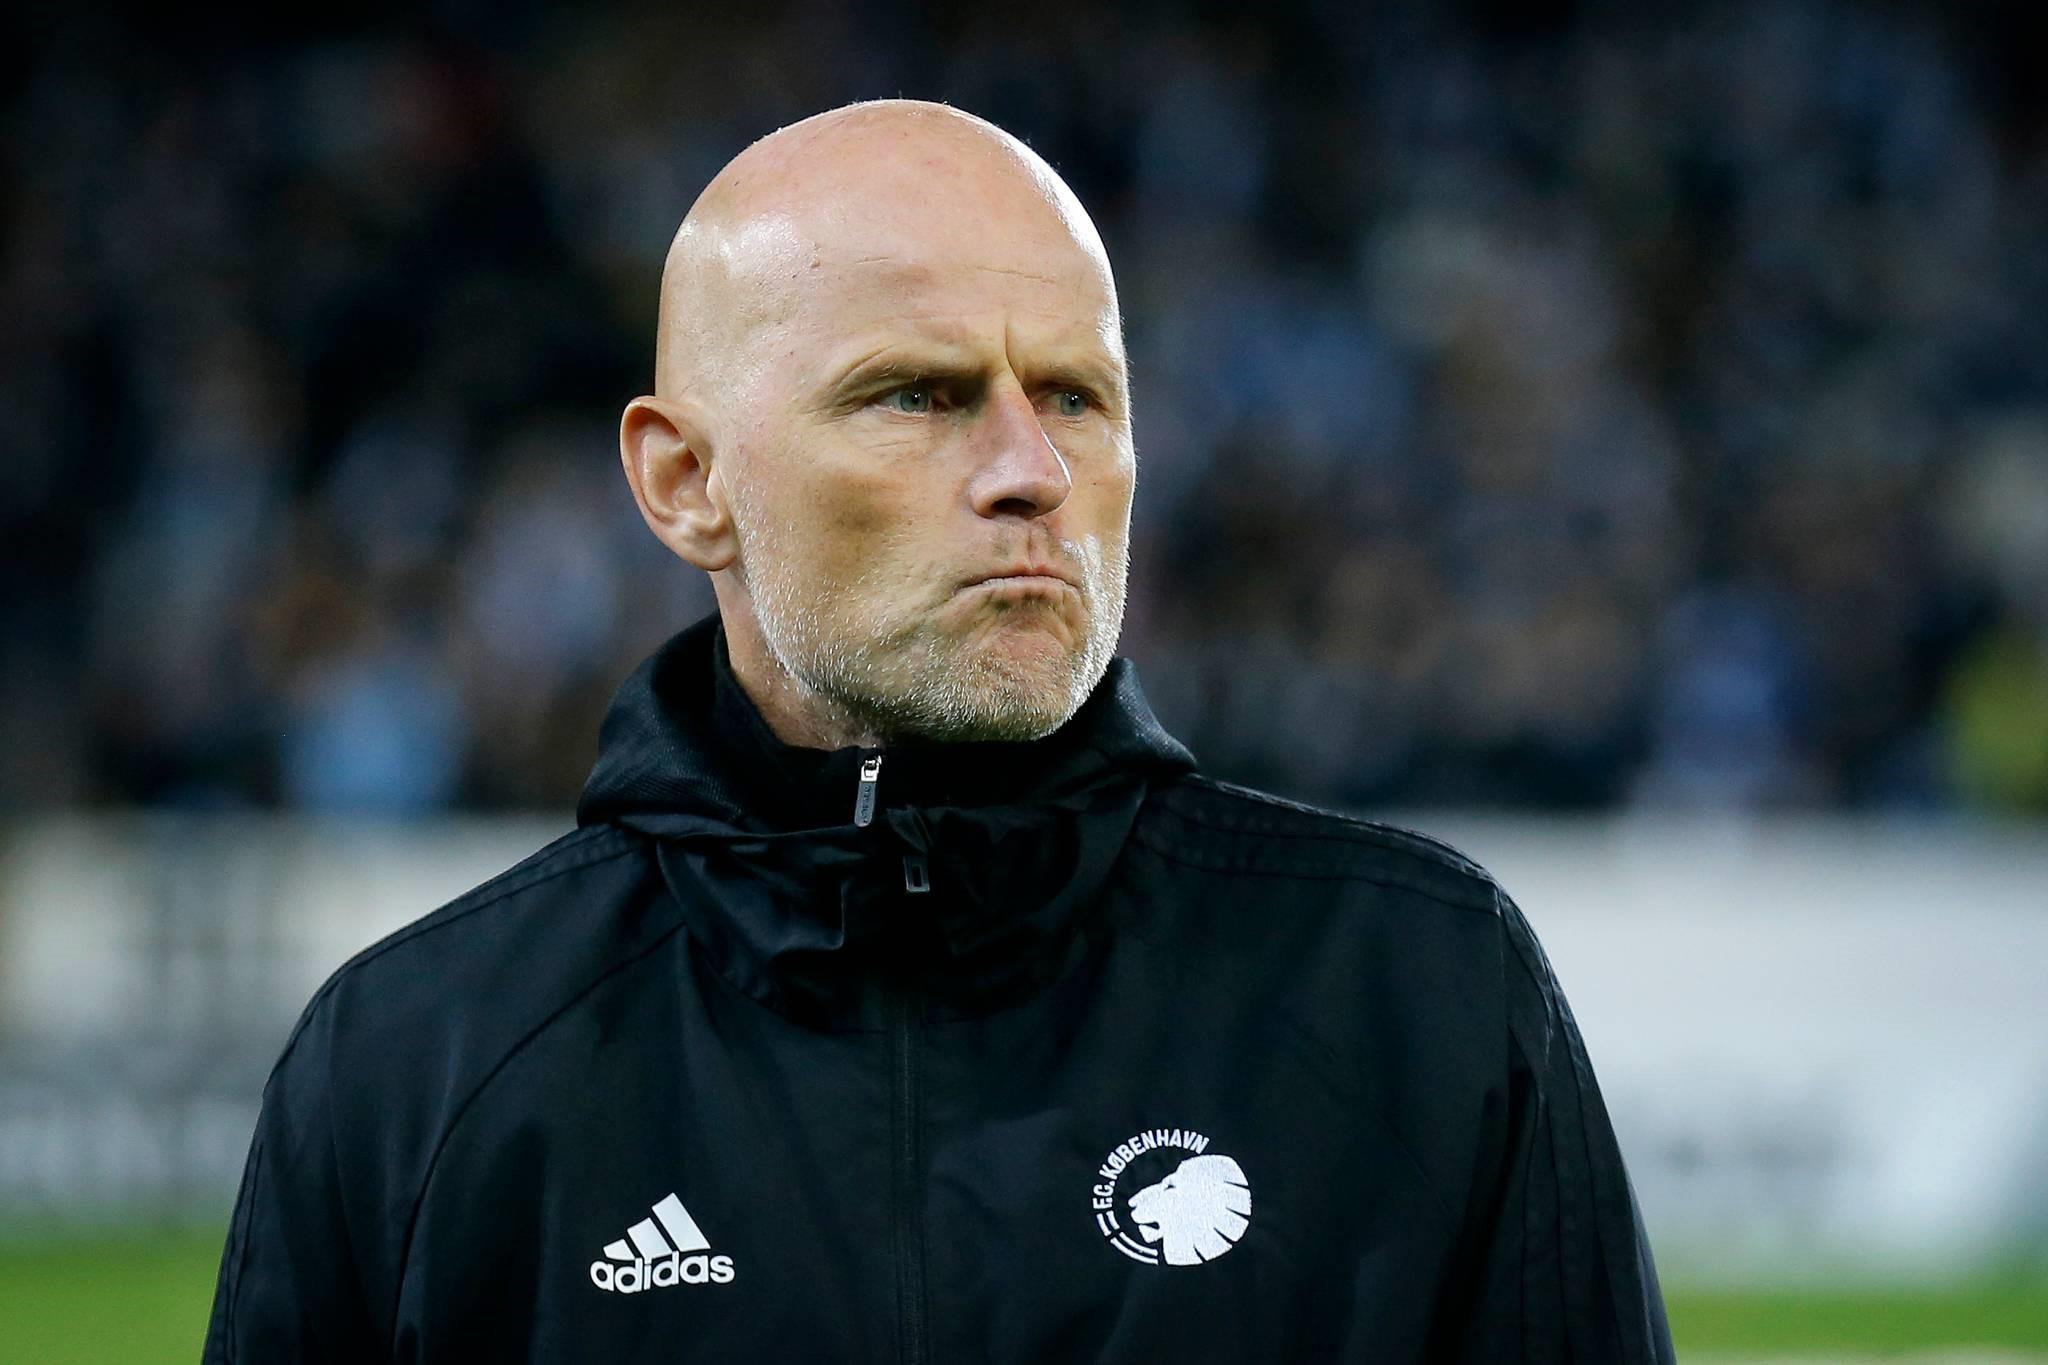 Главный тренер «Копенгагена» Столе Сольбаккен